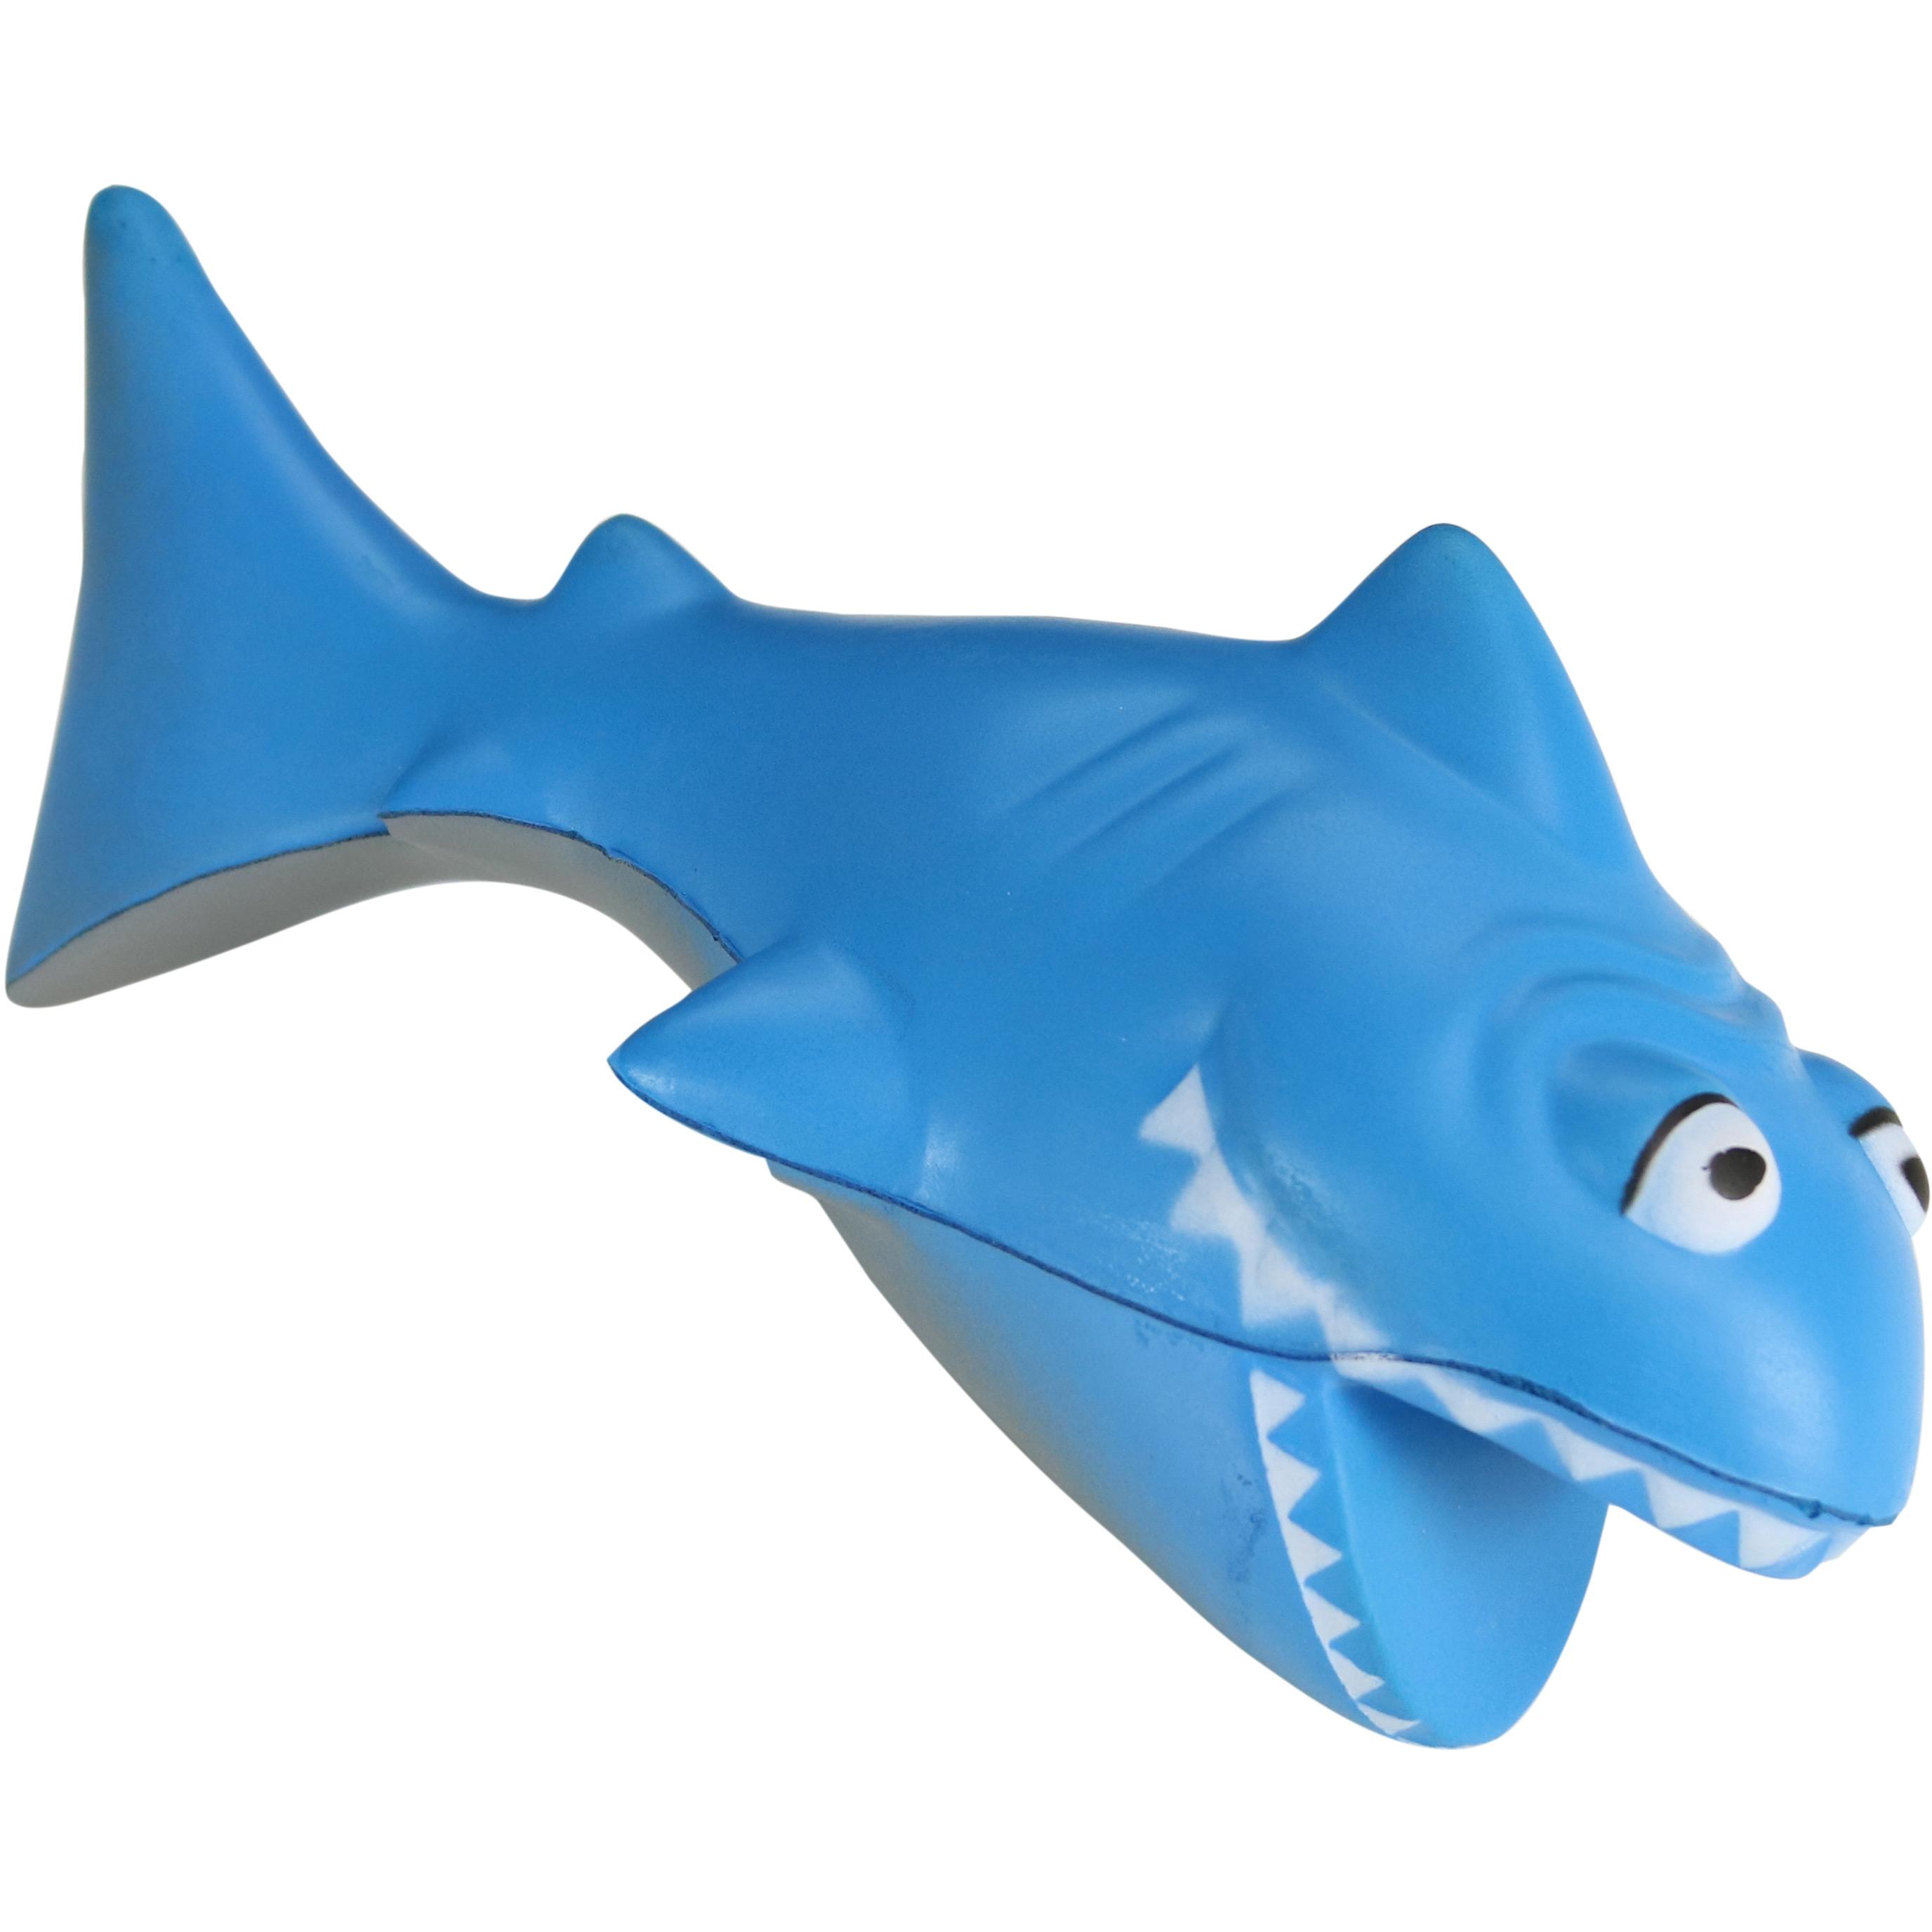 Cartoon Shark Stress Toy for Marketing